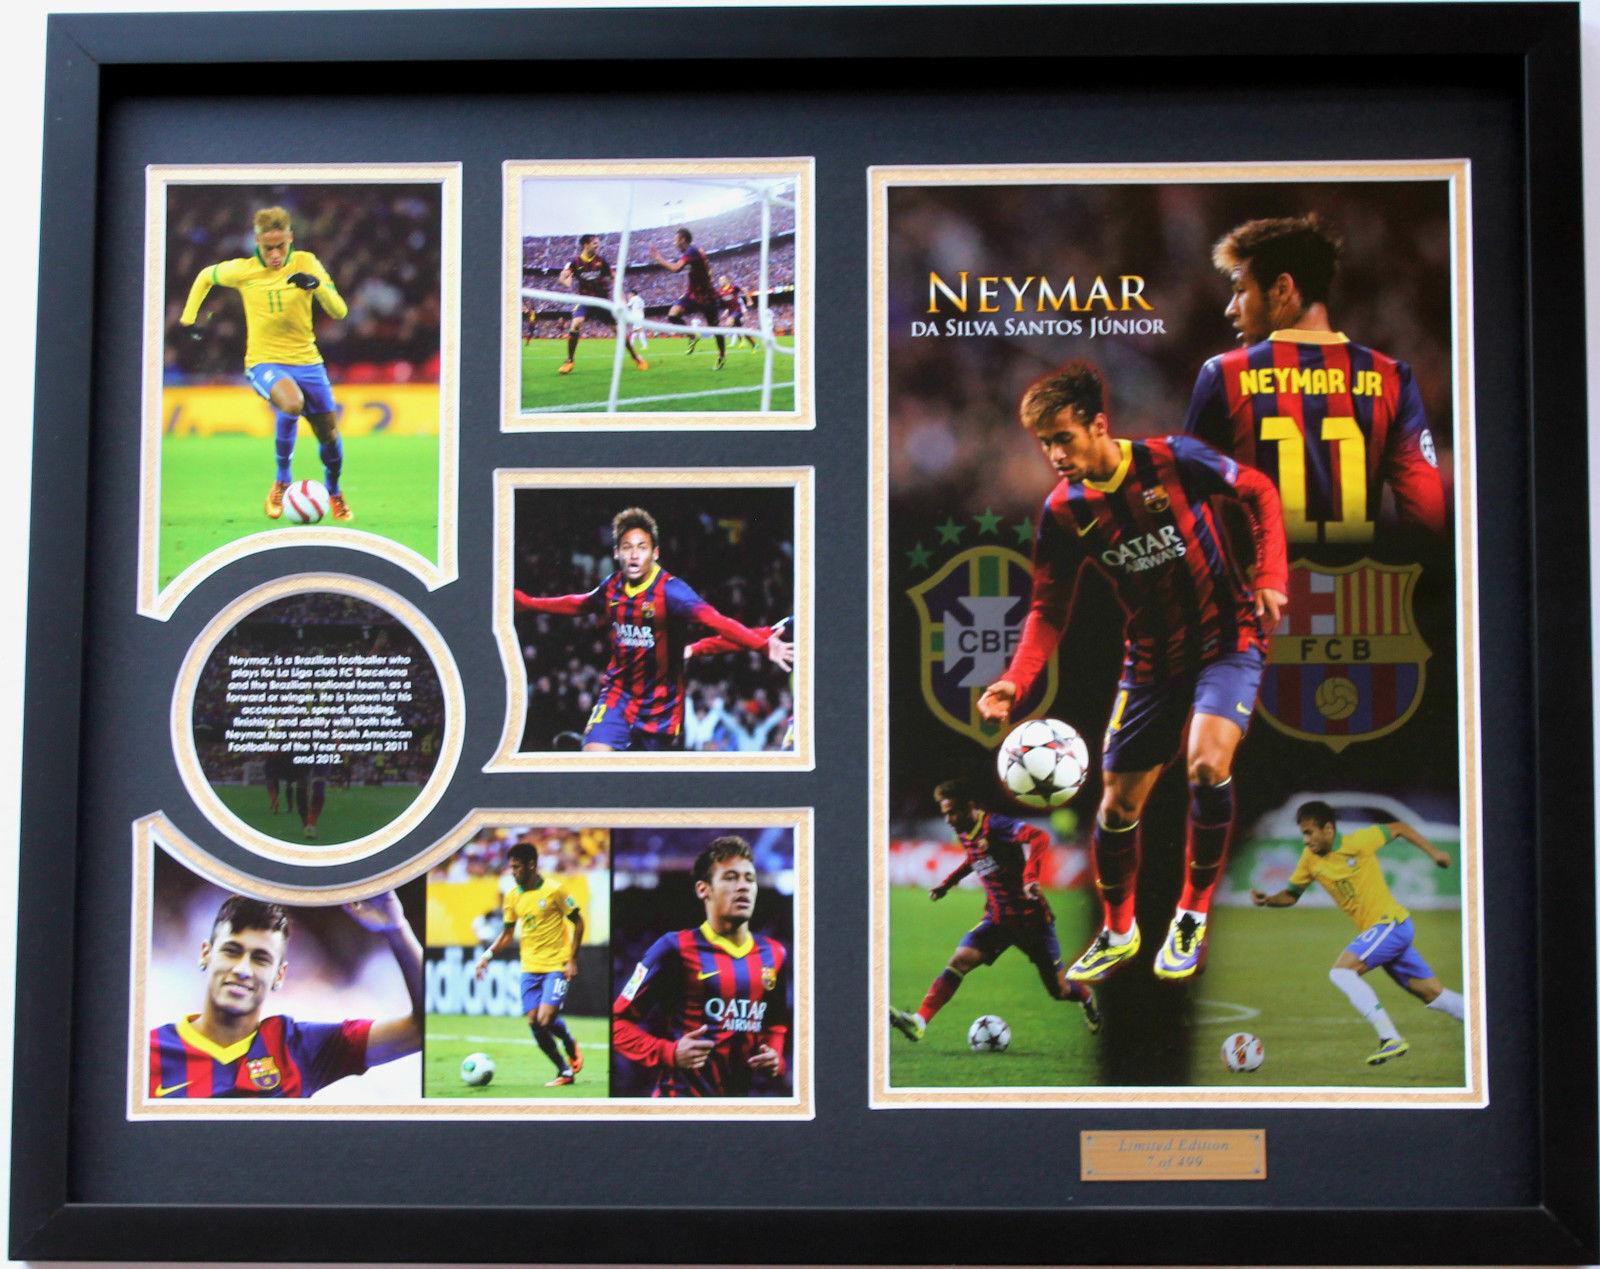 Nuevo Neymar Fc Barcelona Edición Limitada Memorabilia